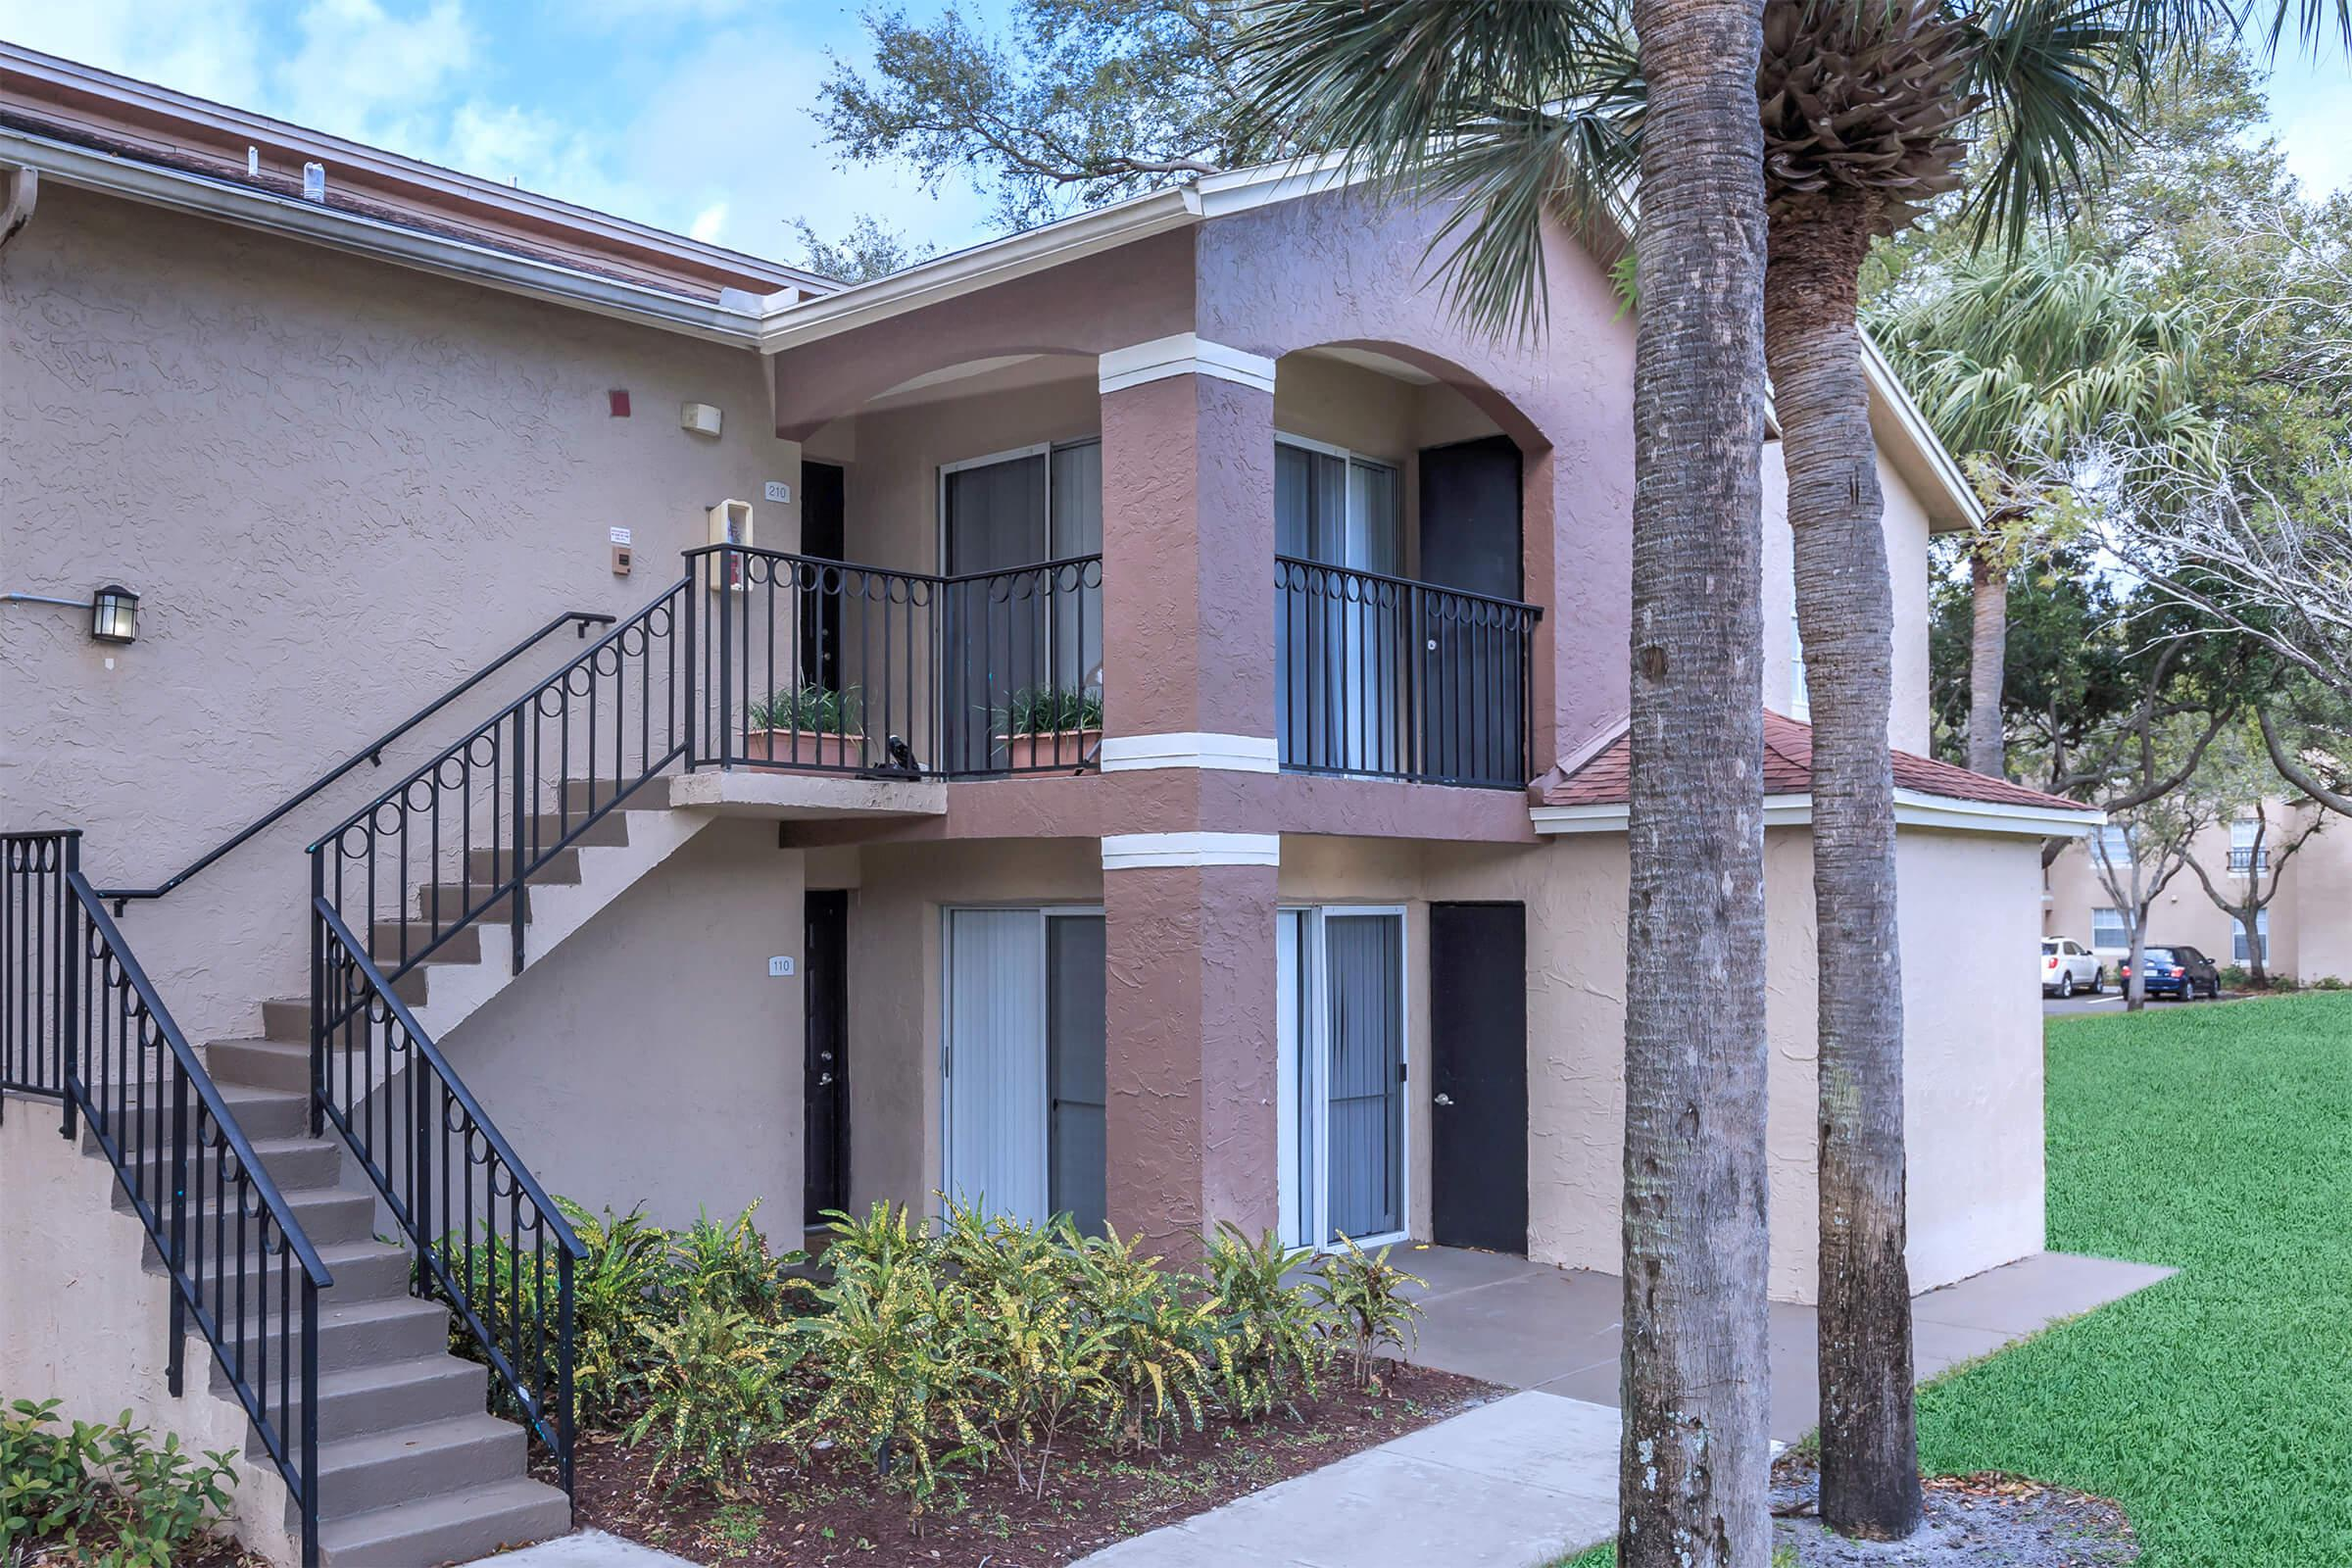 Exterior at Latitude Pointe Apartments in Boynton Beach, Florida